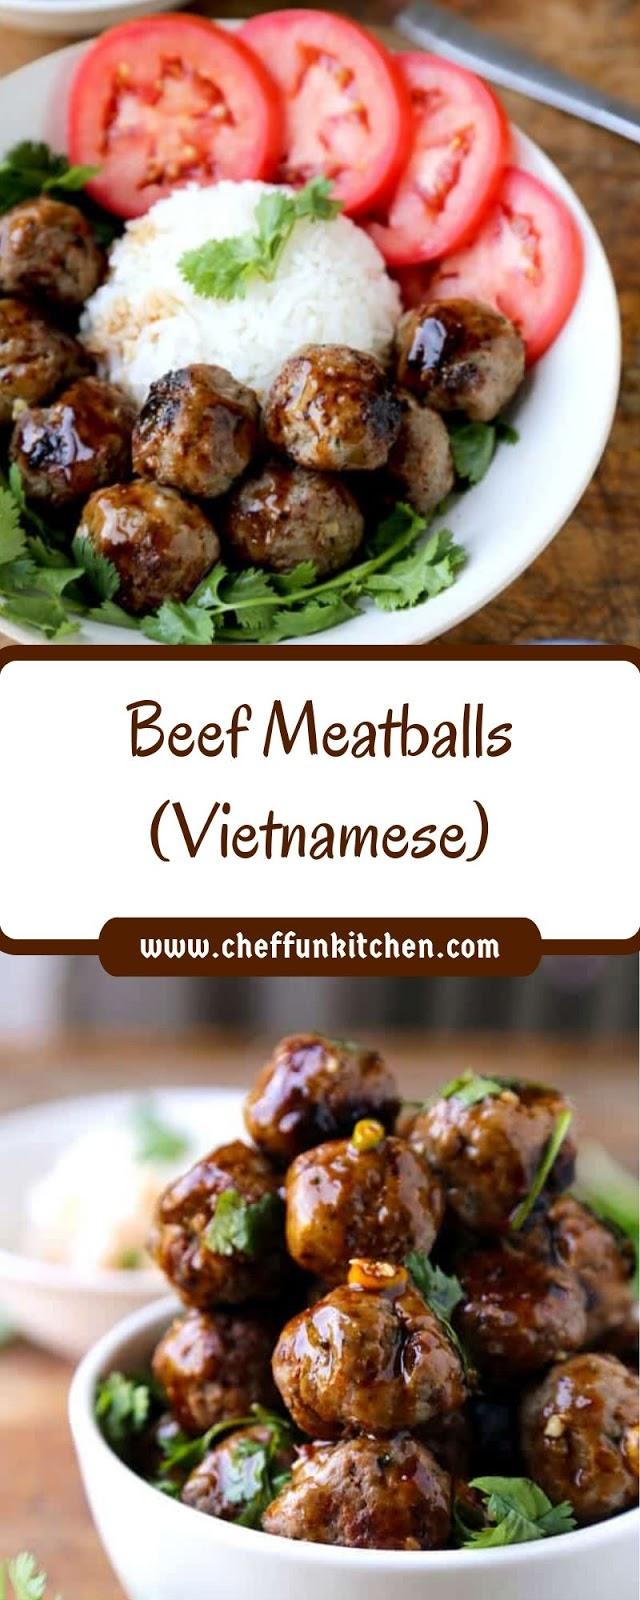 Beef Meatballs (Vietnamese)